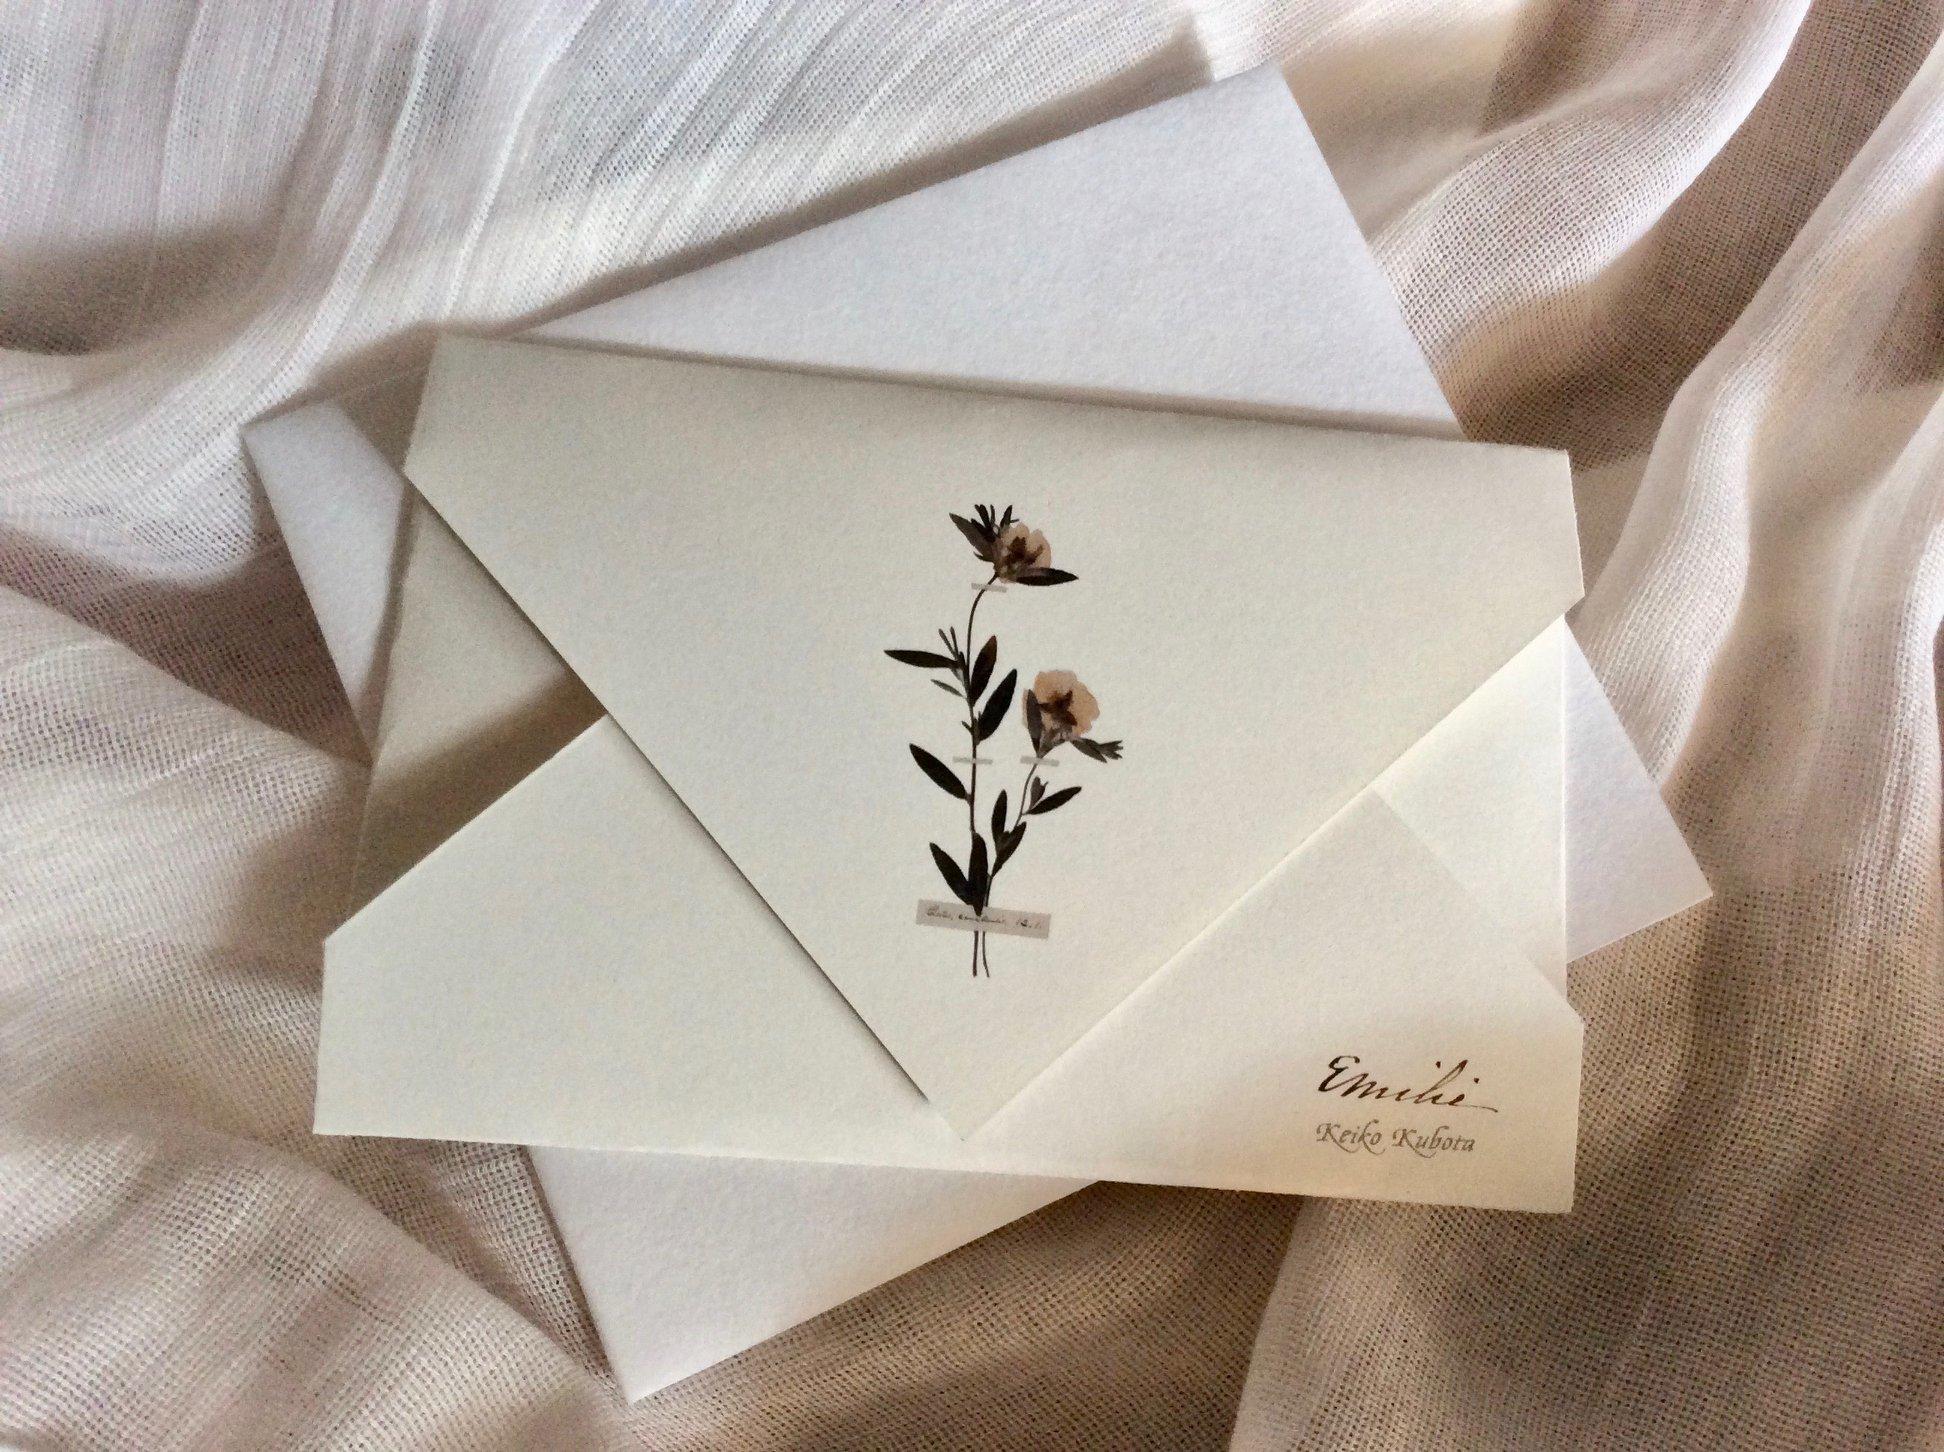 音楽という手紙 Emilie  ~ for Emily Dickinson ~_c0203401_14592028.jpg